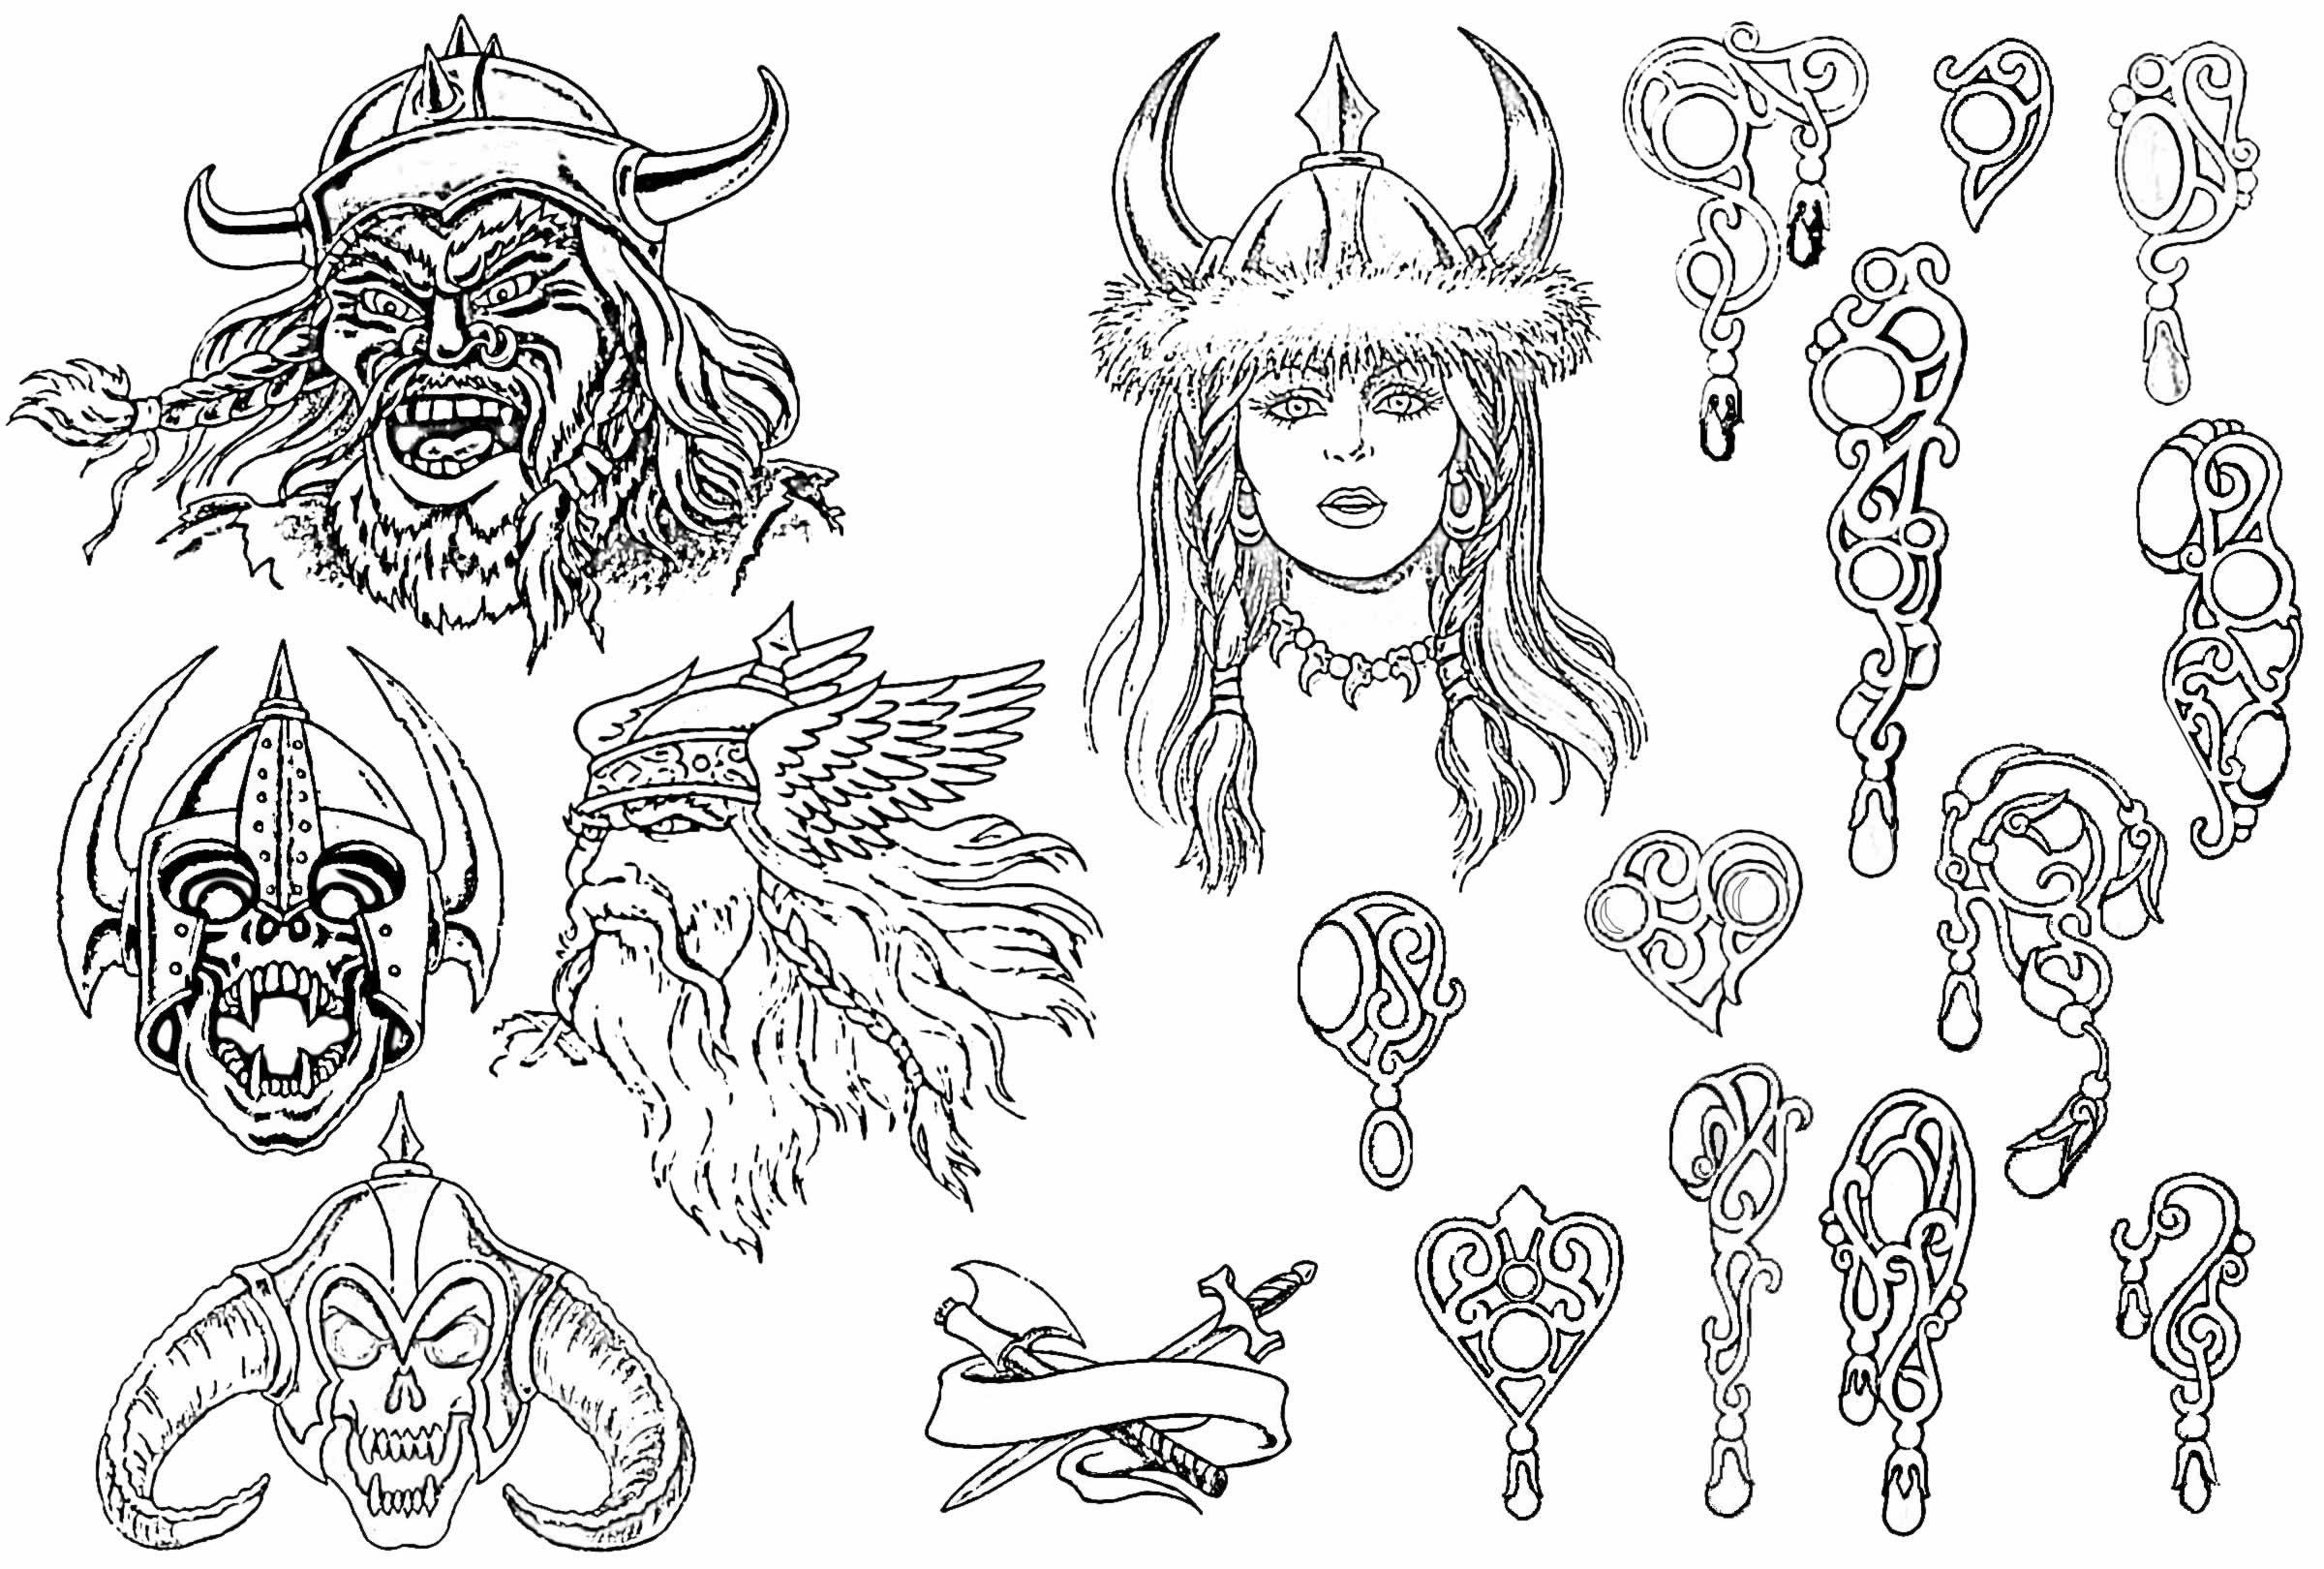 适合包小臂_包大臂_包腿的般若纹身手稿_北京派艺纹身店_纹身手稿割线图片